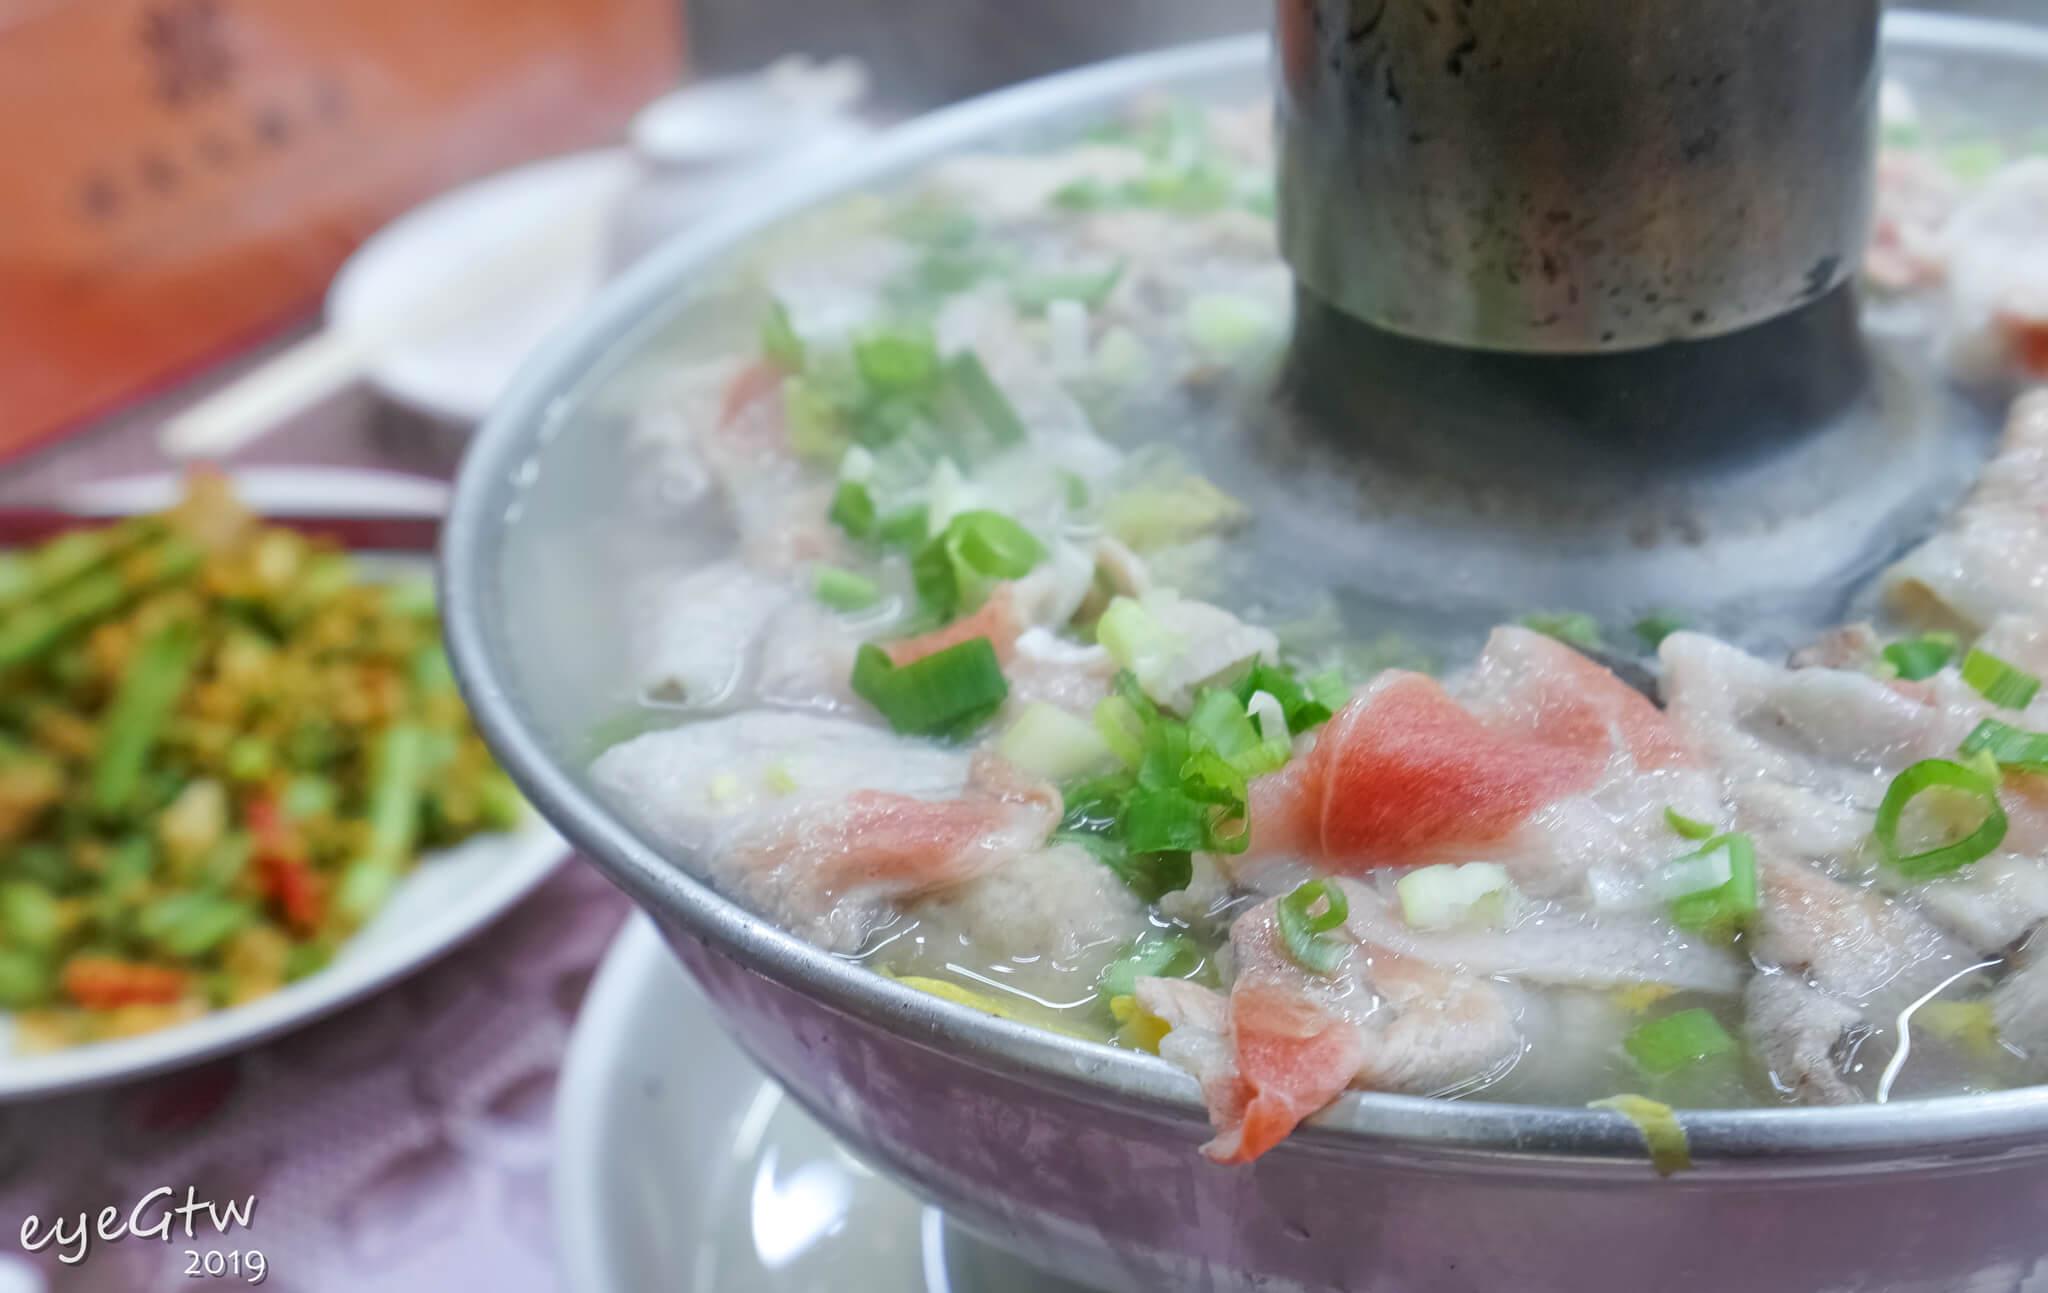 高雄 鳳山 老賈庭園餐廳 酸菜白肉鍋